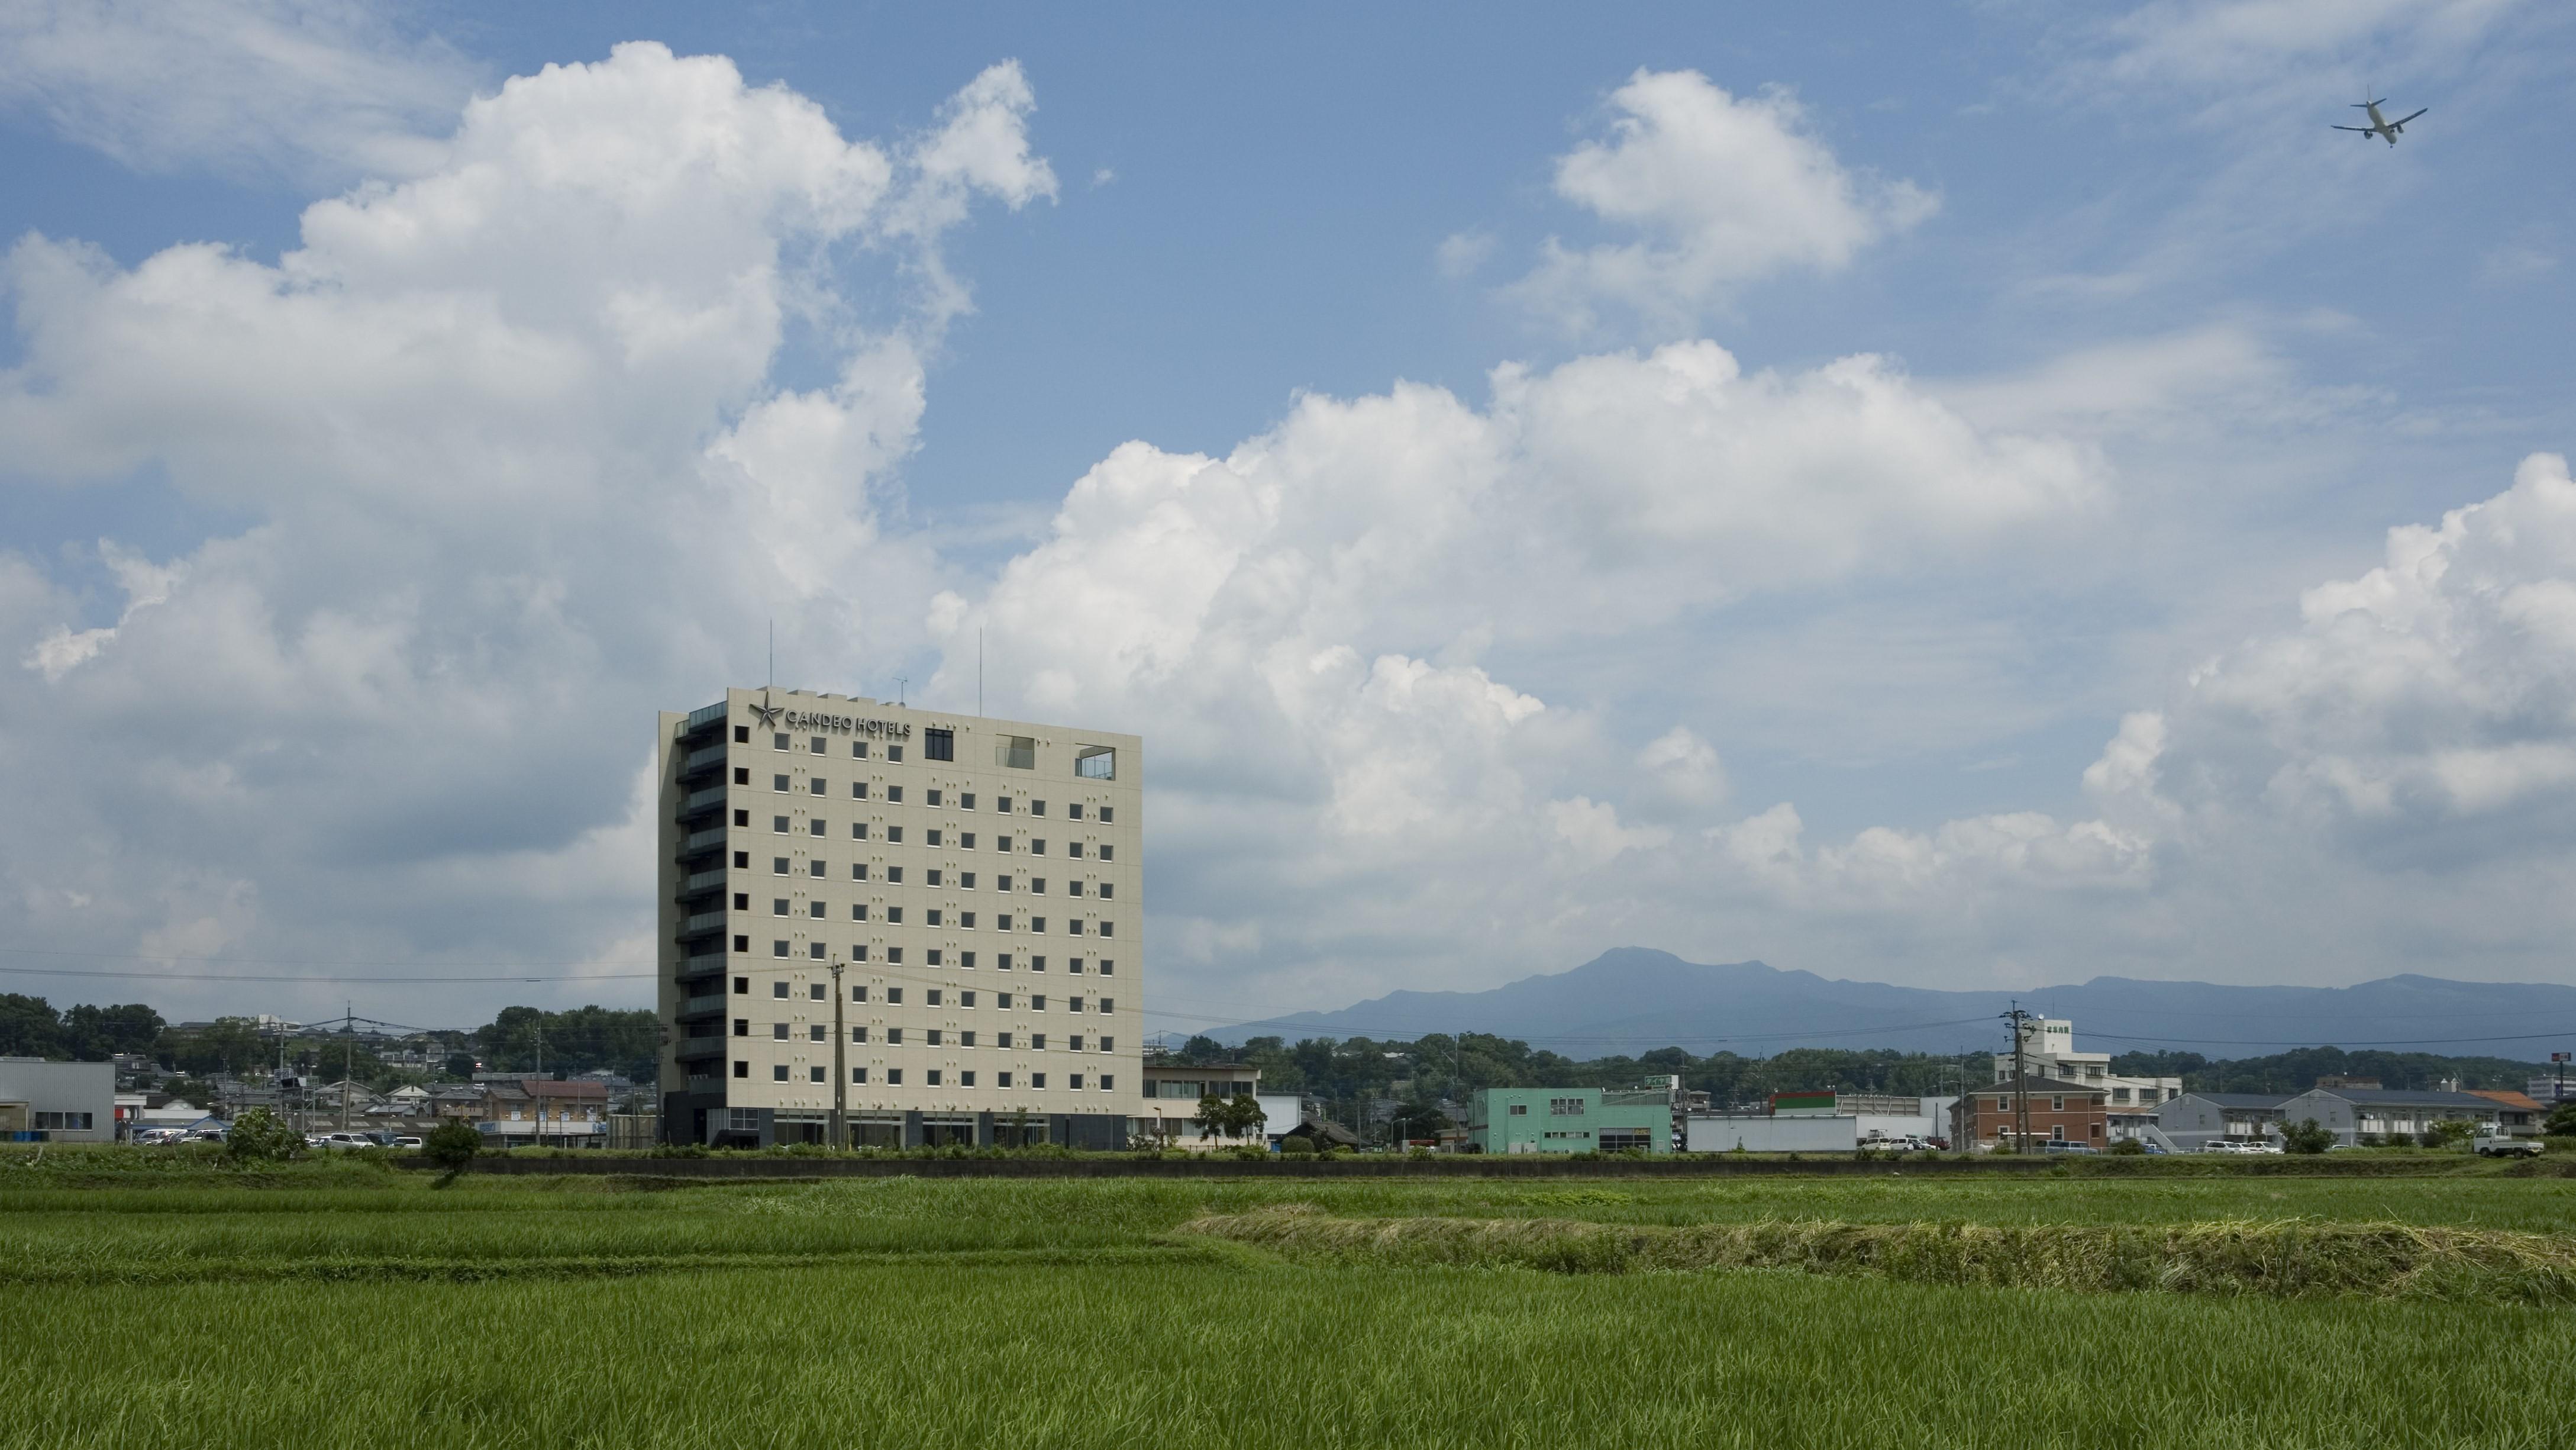 CANDEO HOTELS(カンデオホテルズ)大津熊本空港